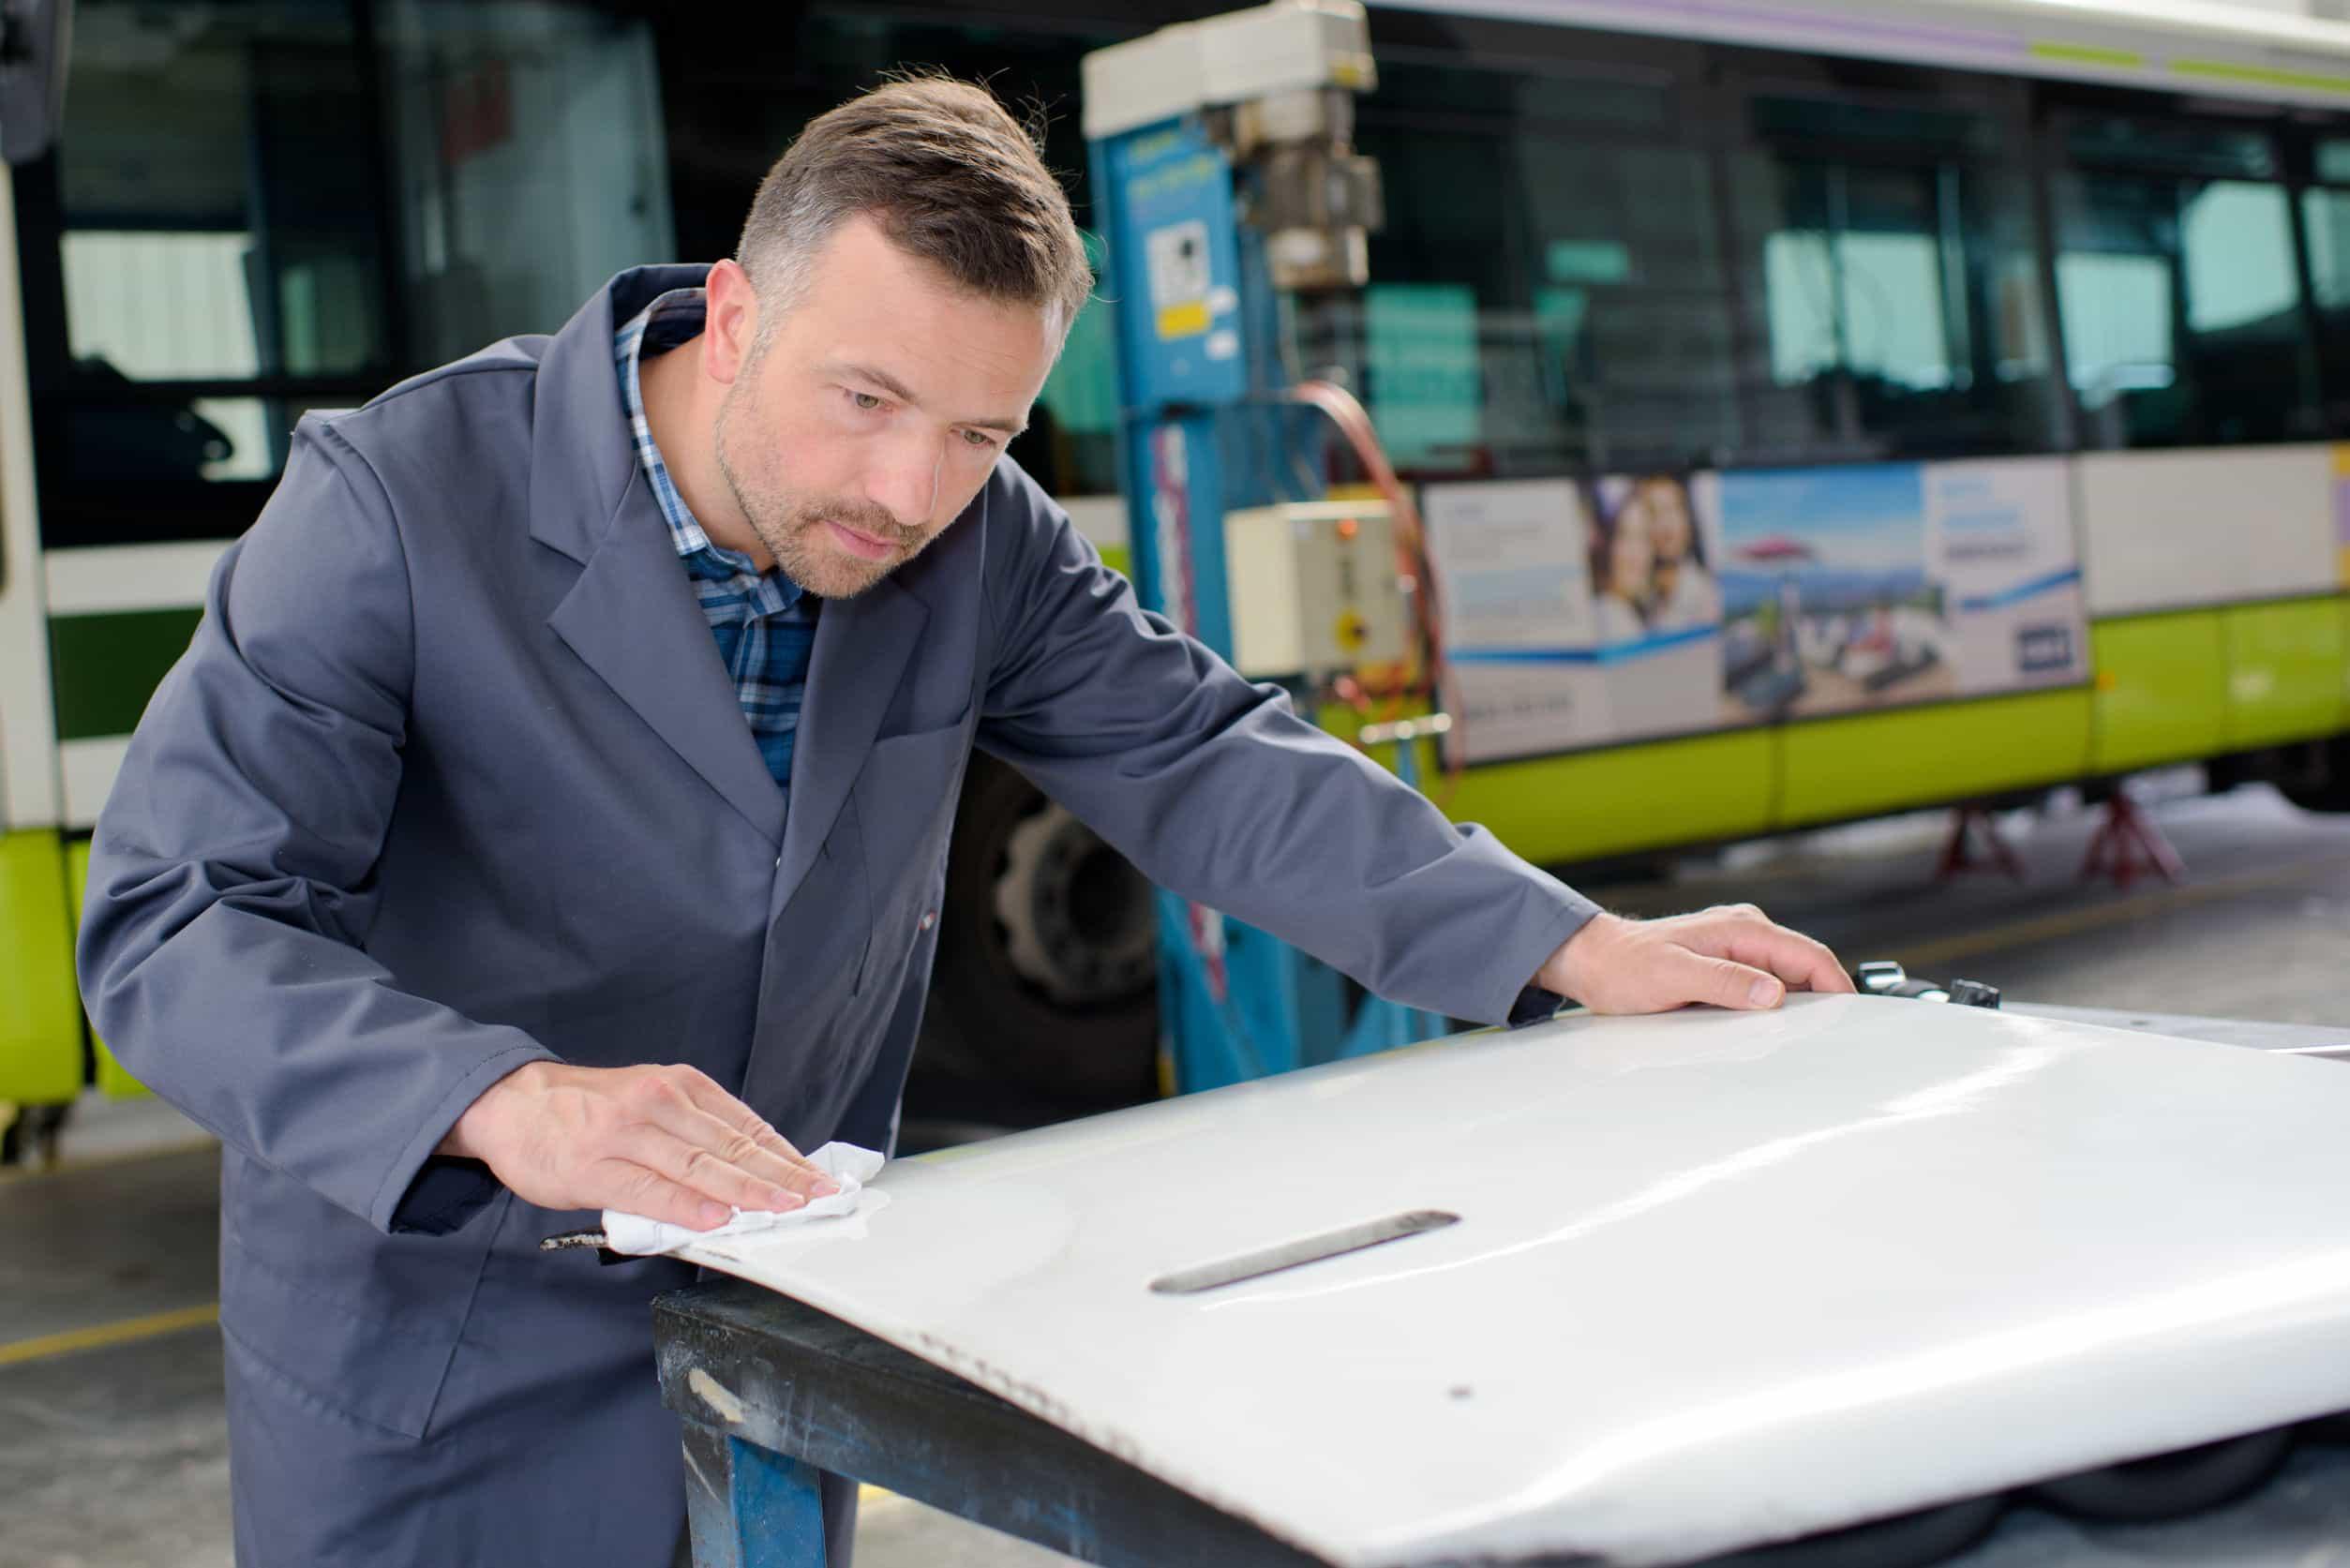 limpieza exterior de un autobús